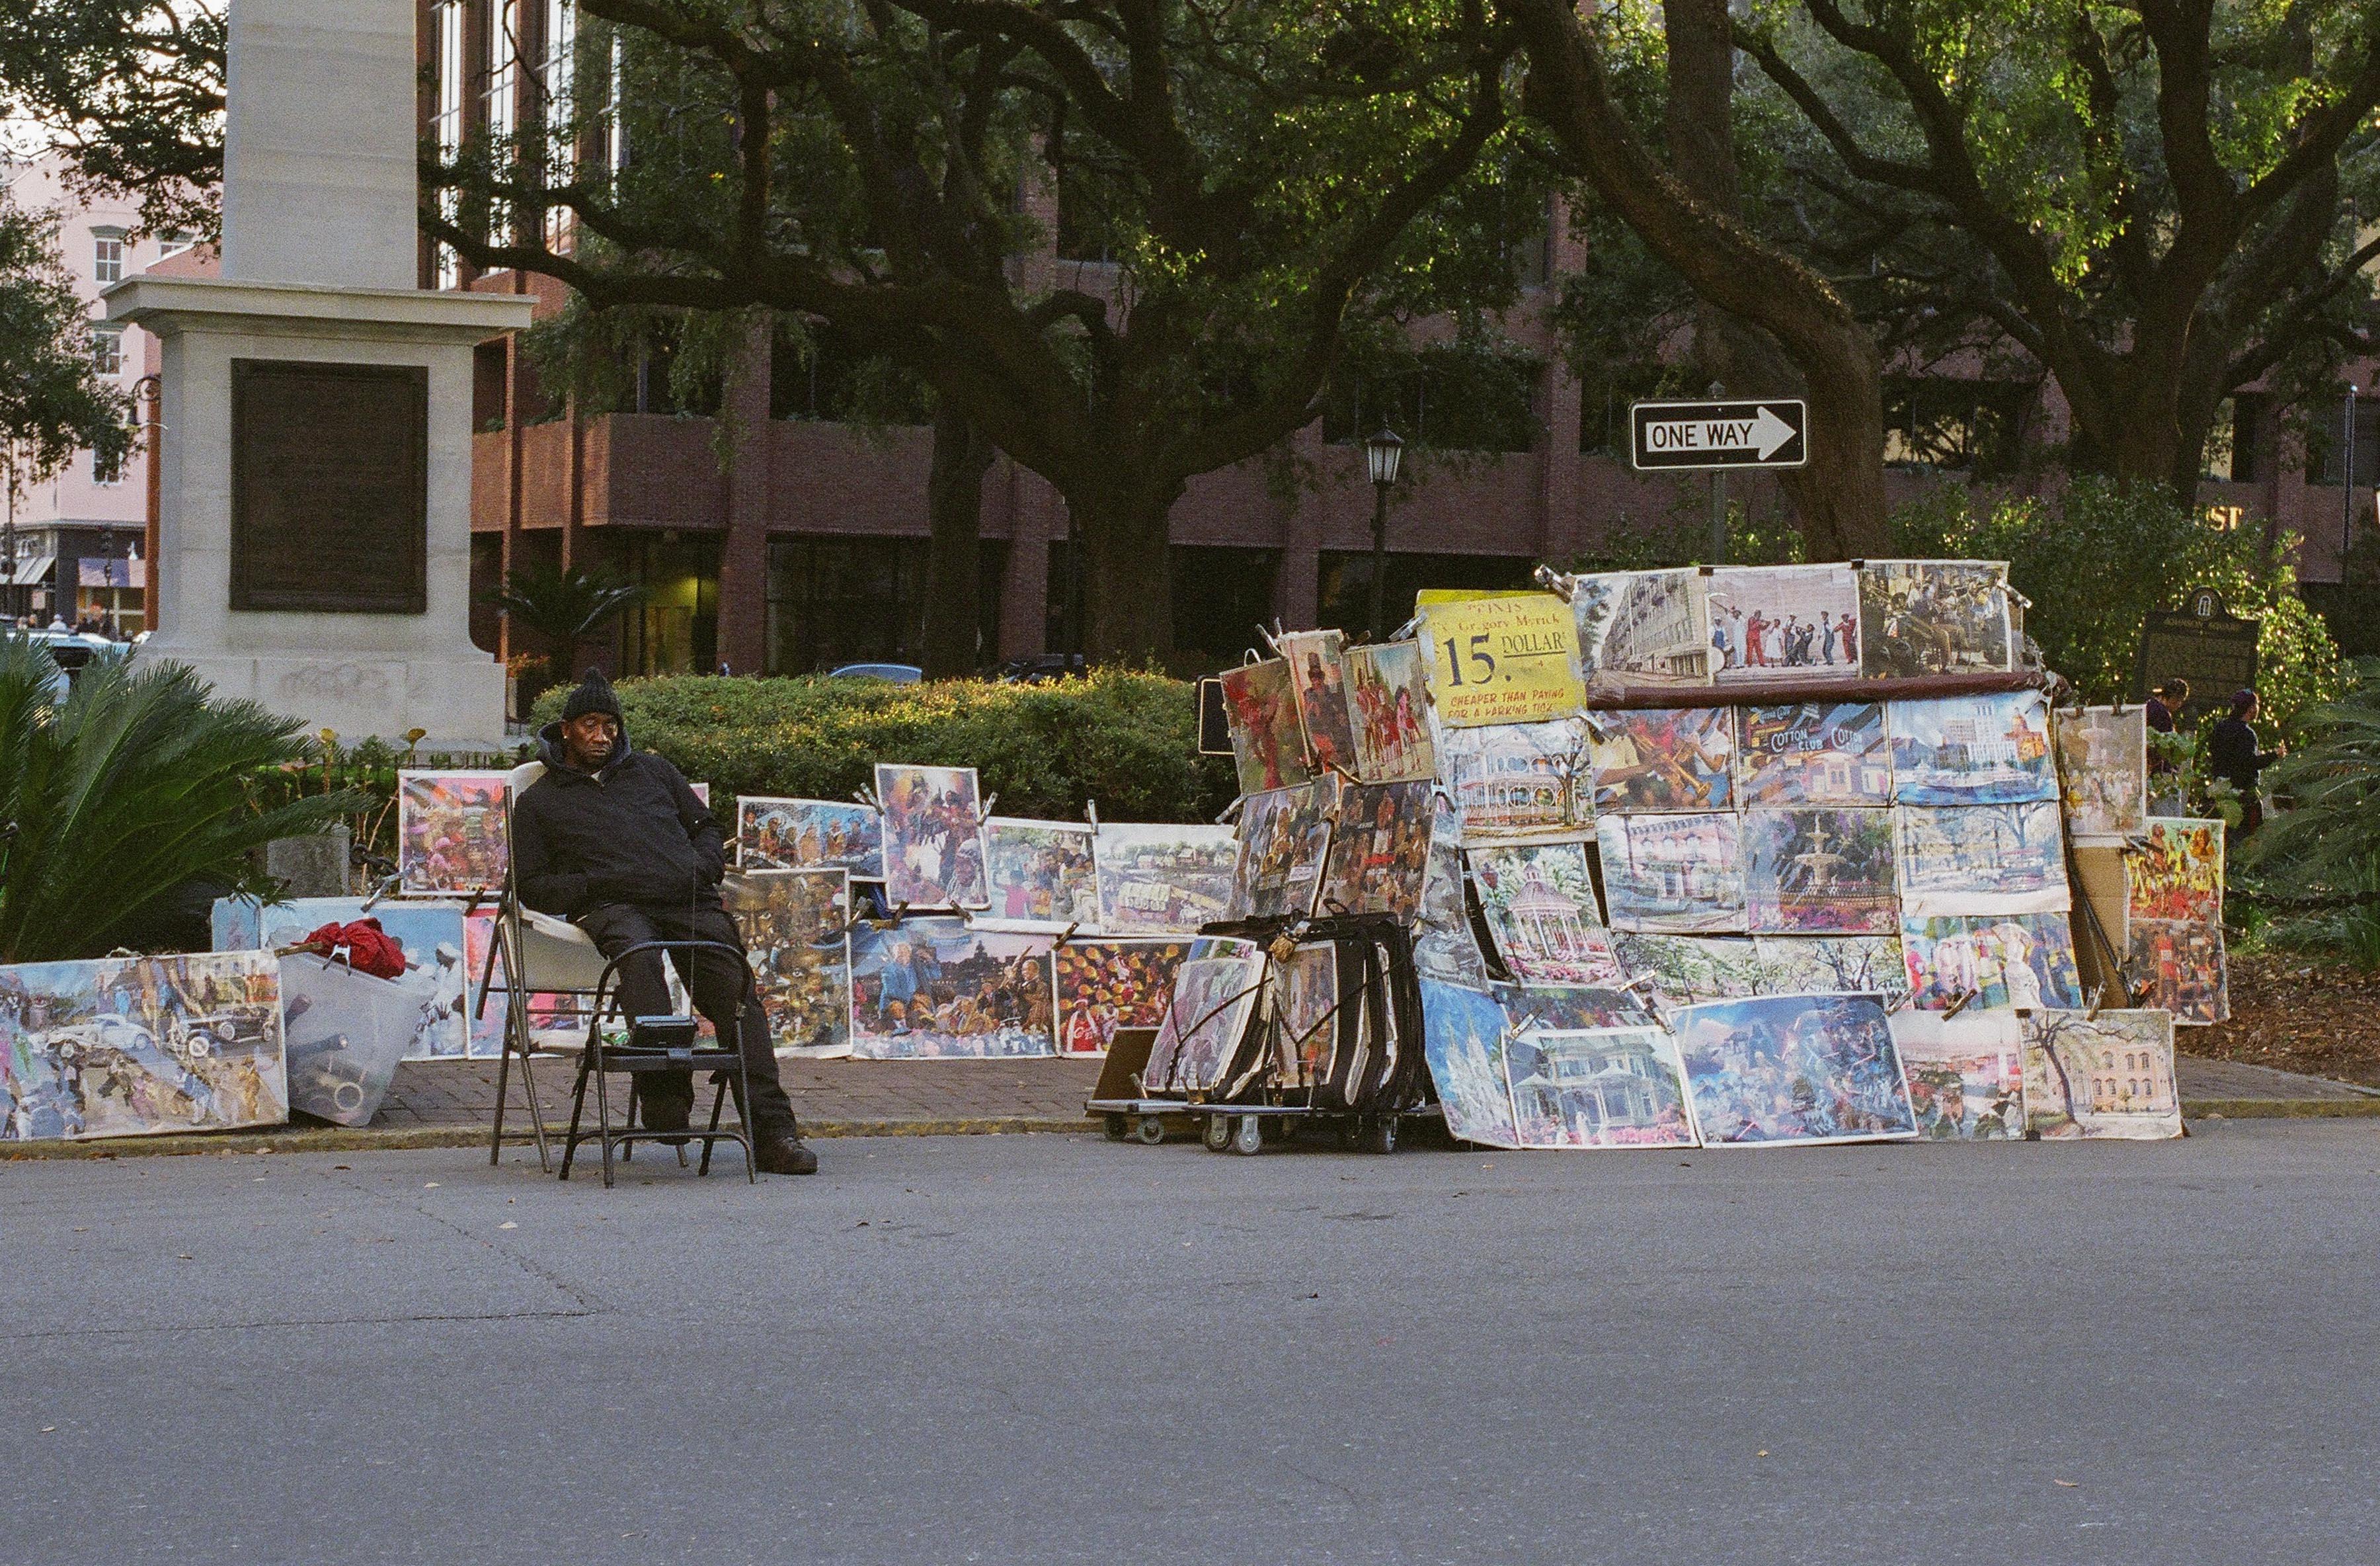 Bull street vendor